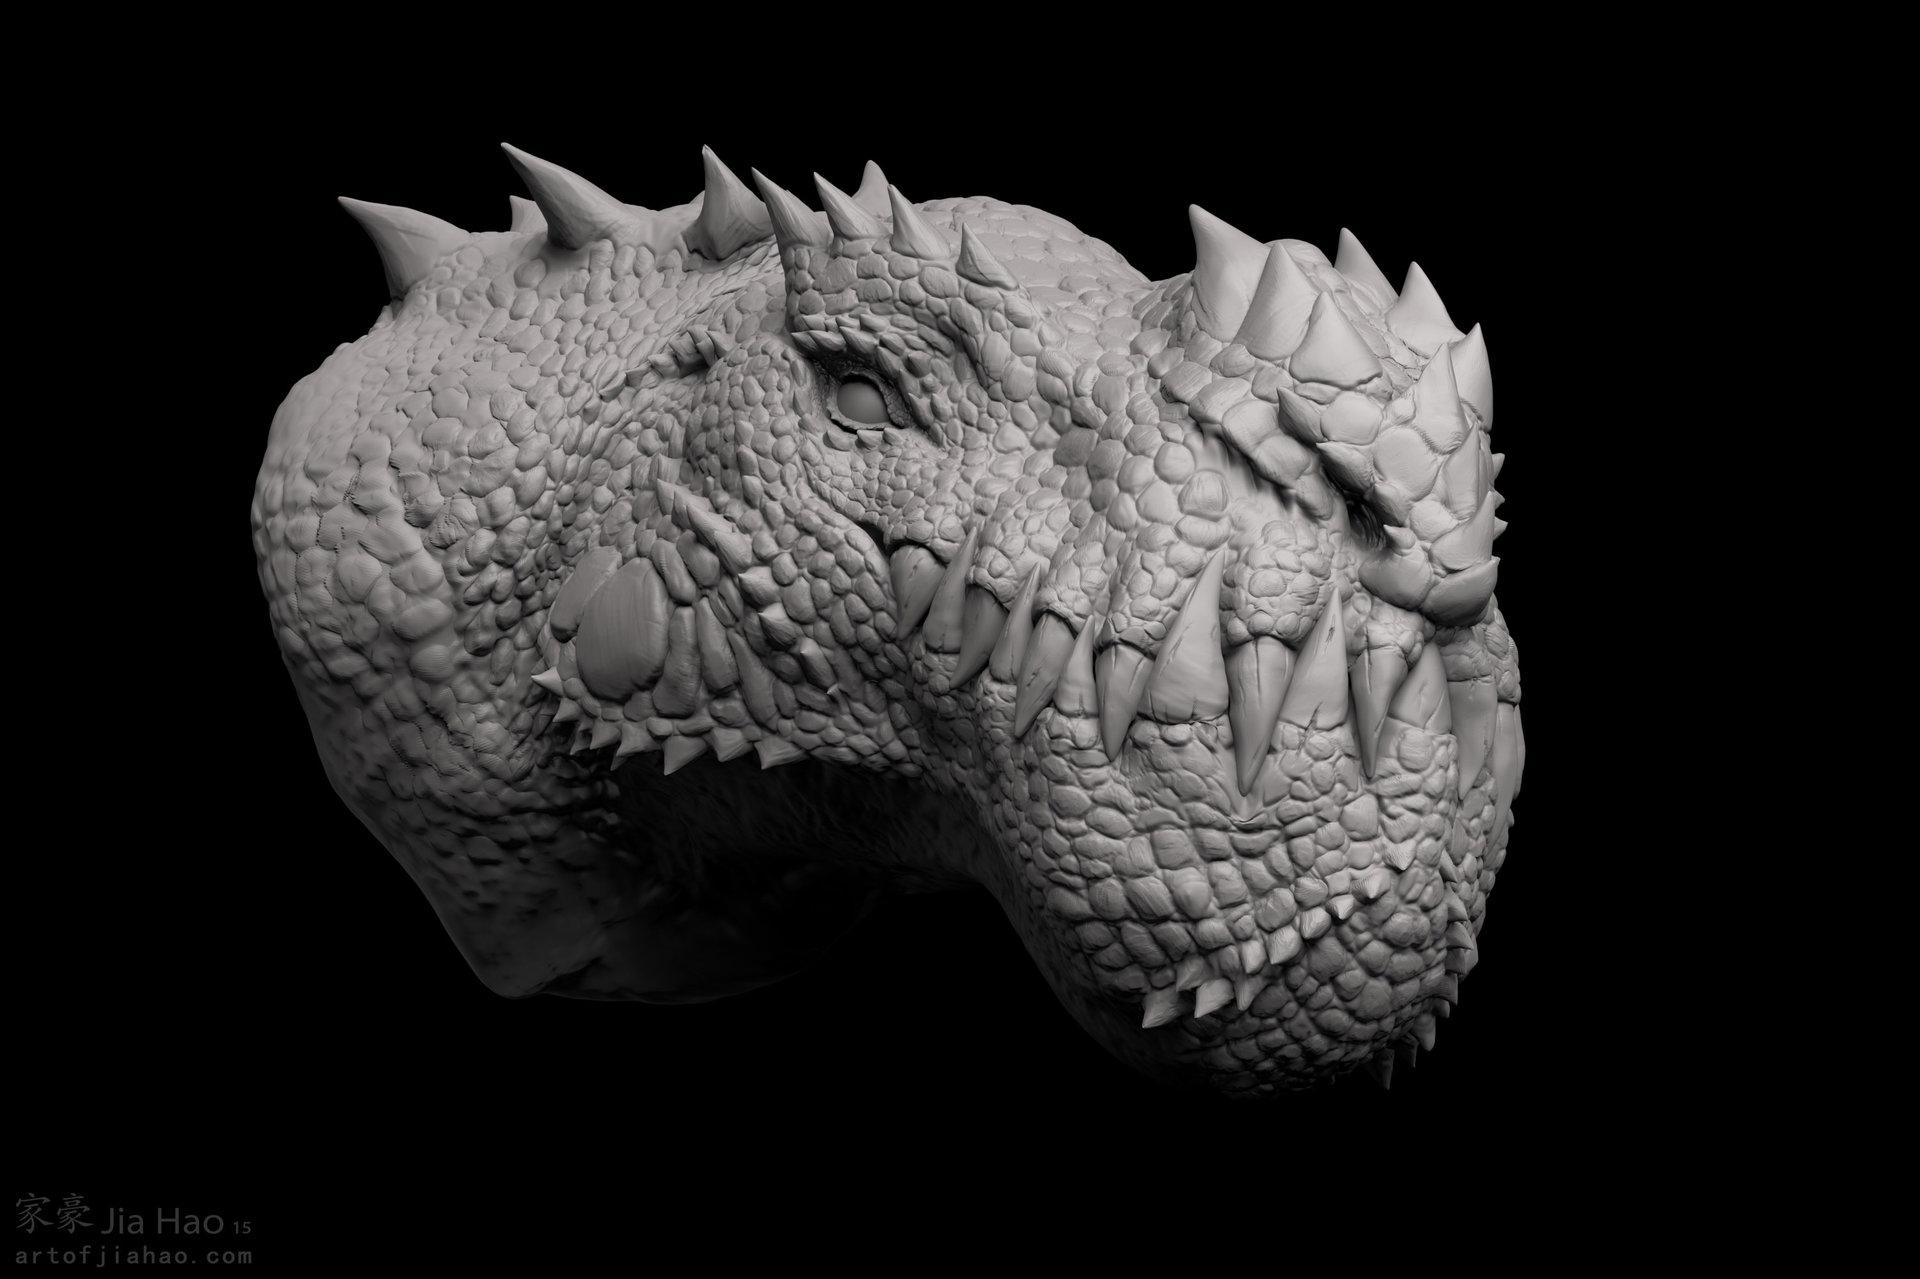 Jia hao 2015 09 cryosaurus sculpt 01